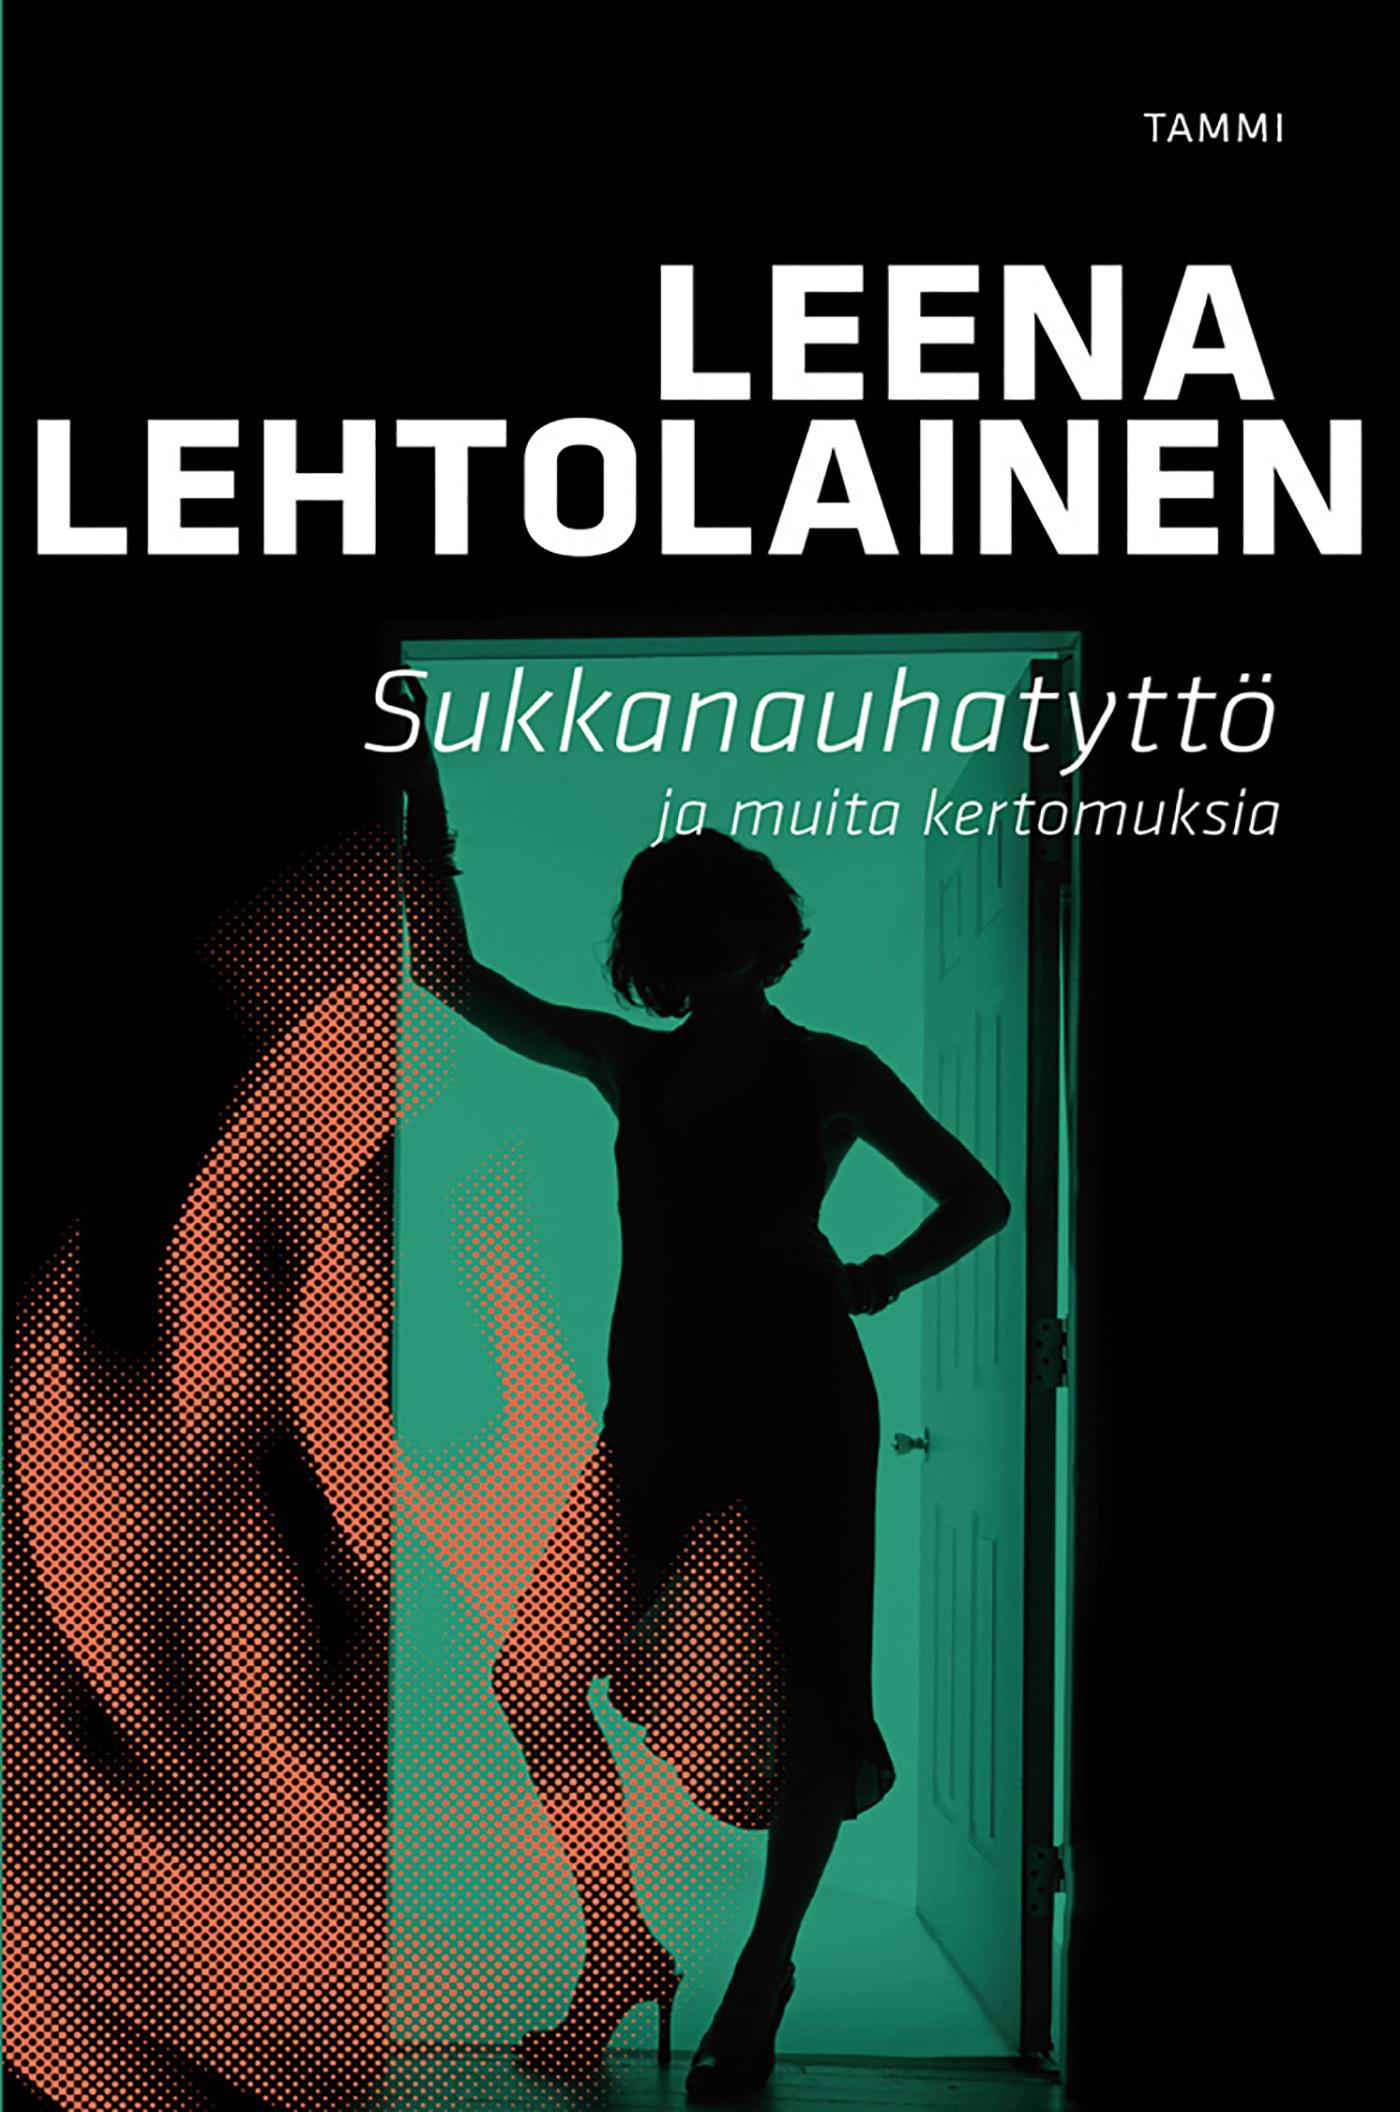 Lehtolainen, Leena - Sukkanauhatyttö: ja muita kertomuksia, e-kirja